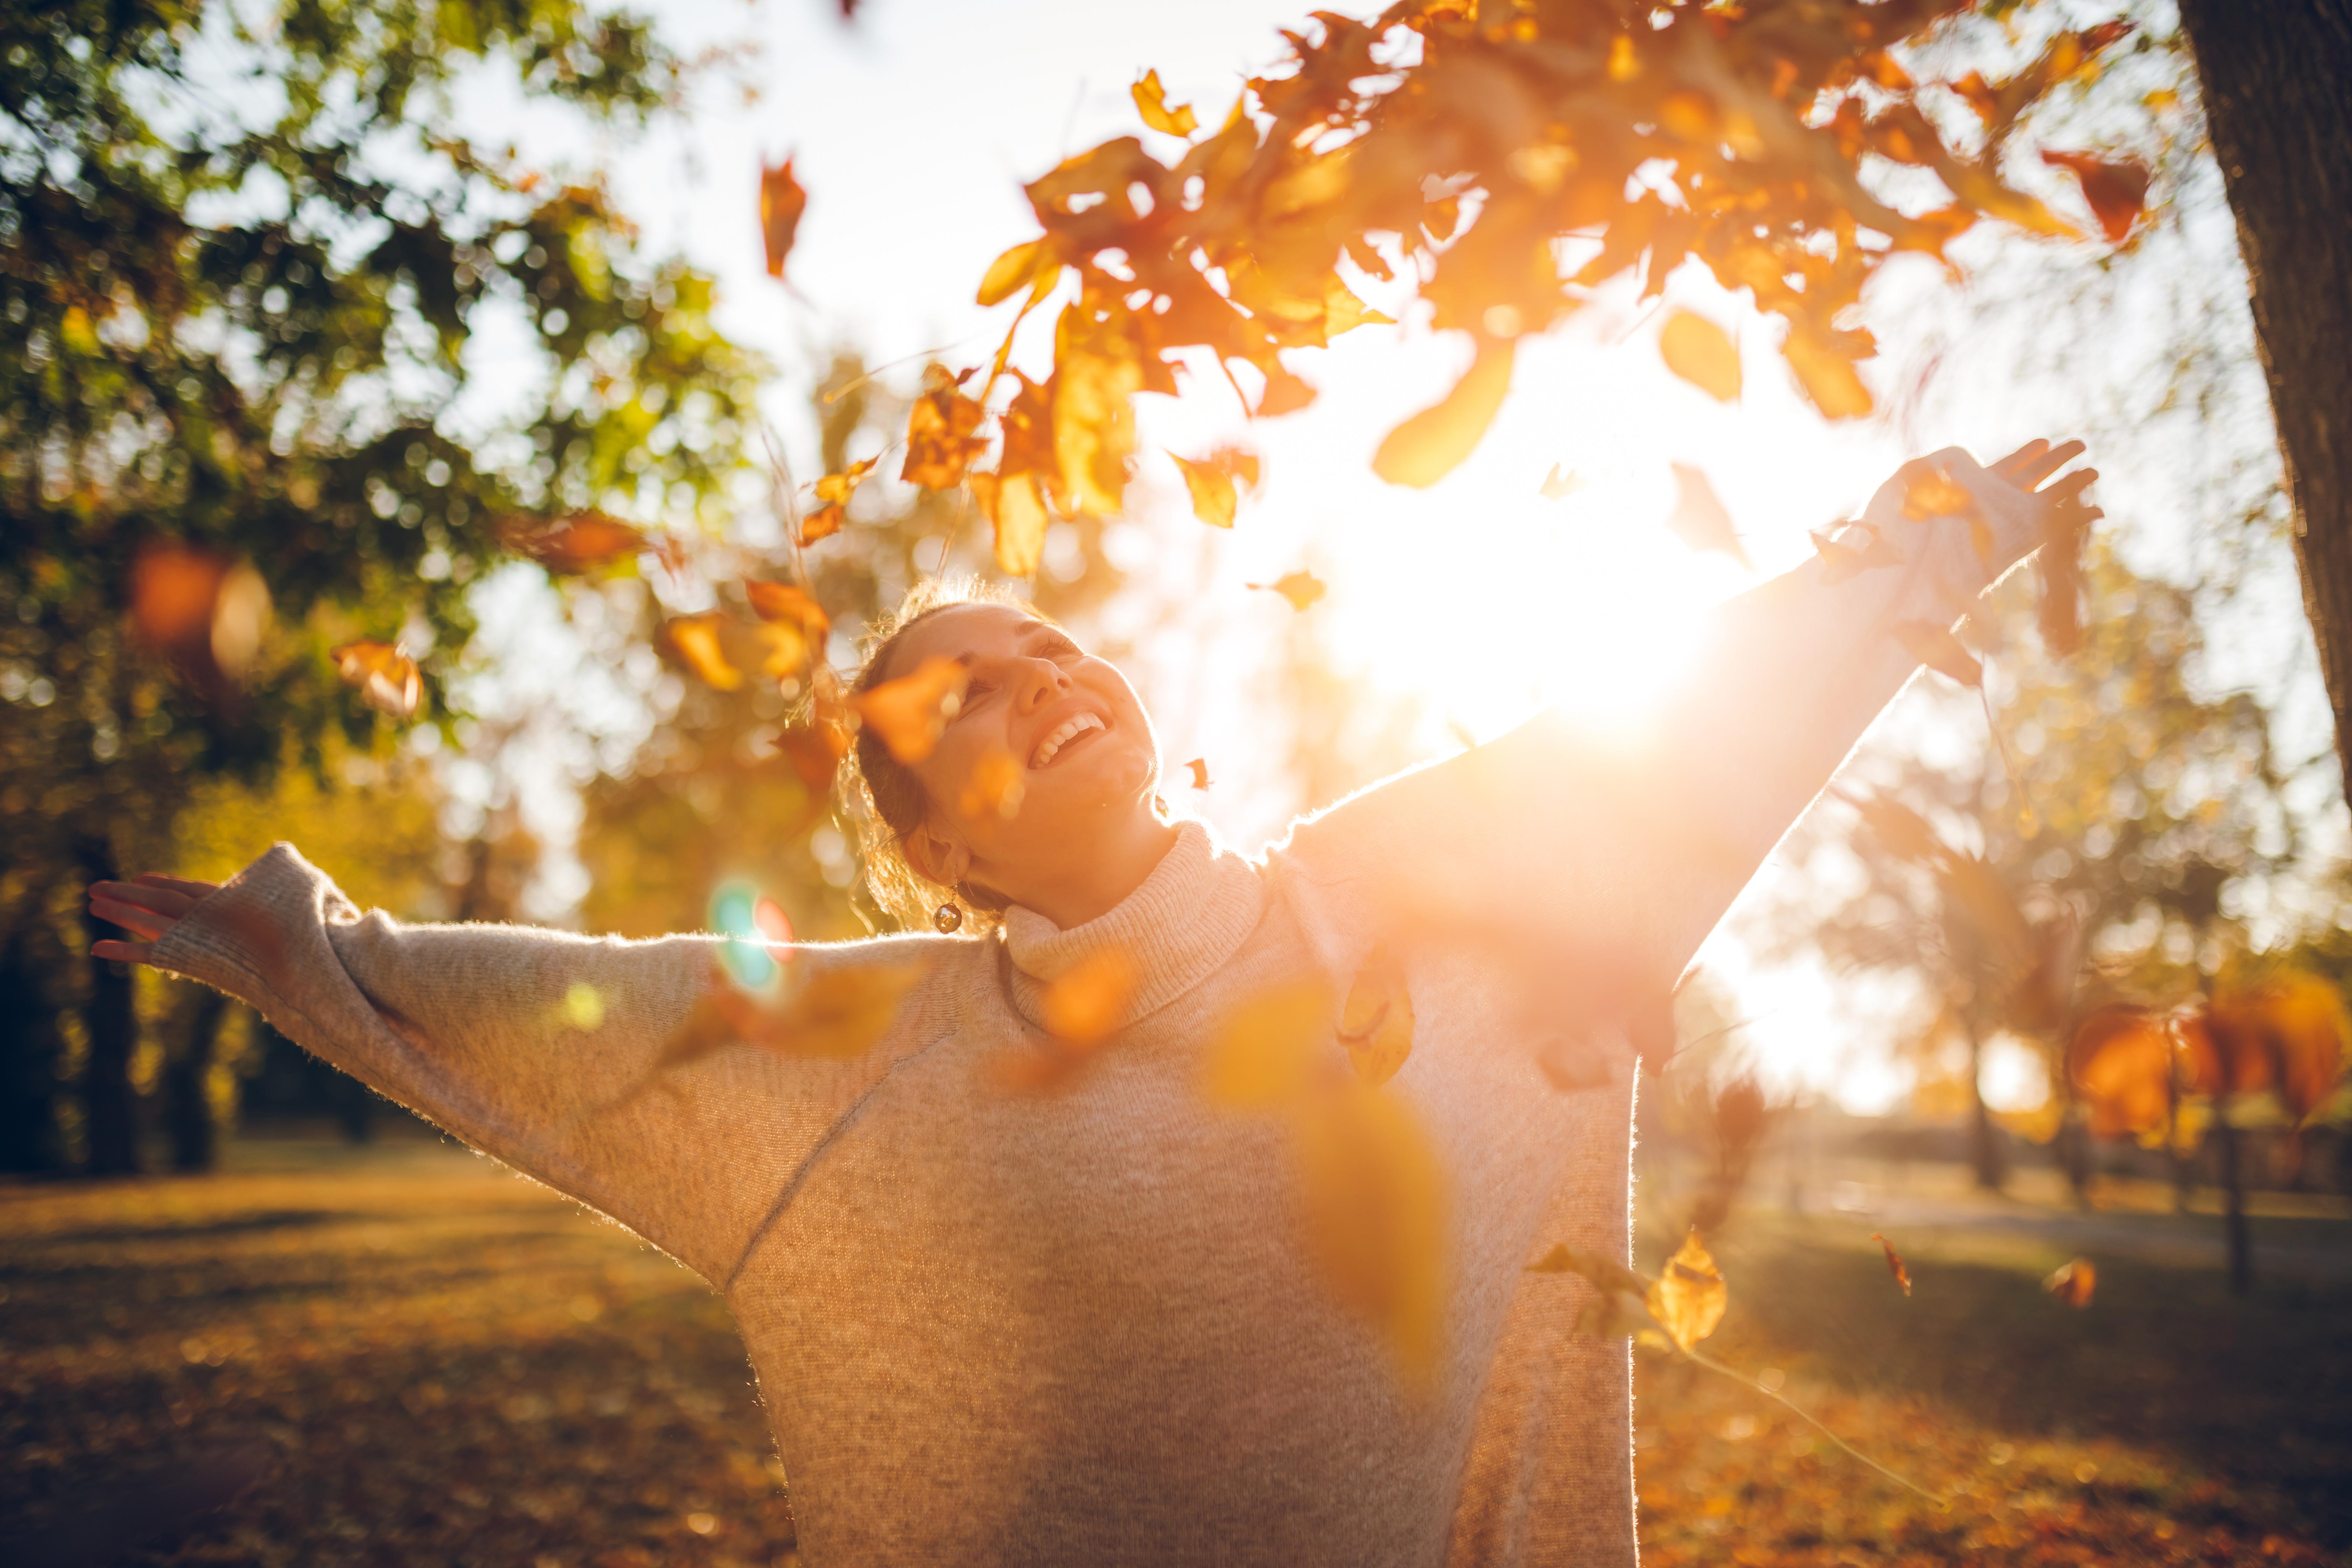 <p><strong>ВЕЗНИ</strong><br /> Всеки ден е страхотен с вас! Не позволявайте на негативите да ви пречат, докато прегръщате сезона си. Поддържайте настроението си положително, а усмивката си &nbsp;голяма.</p>